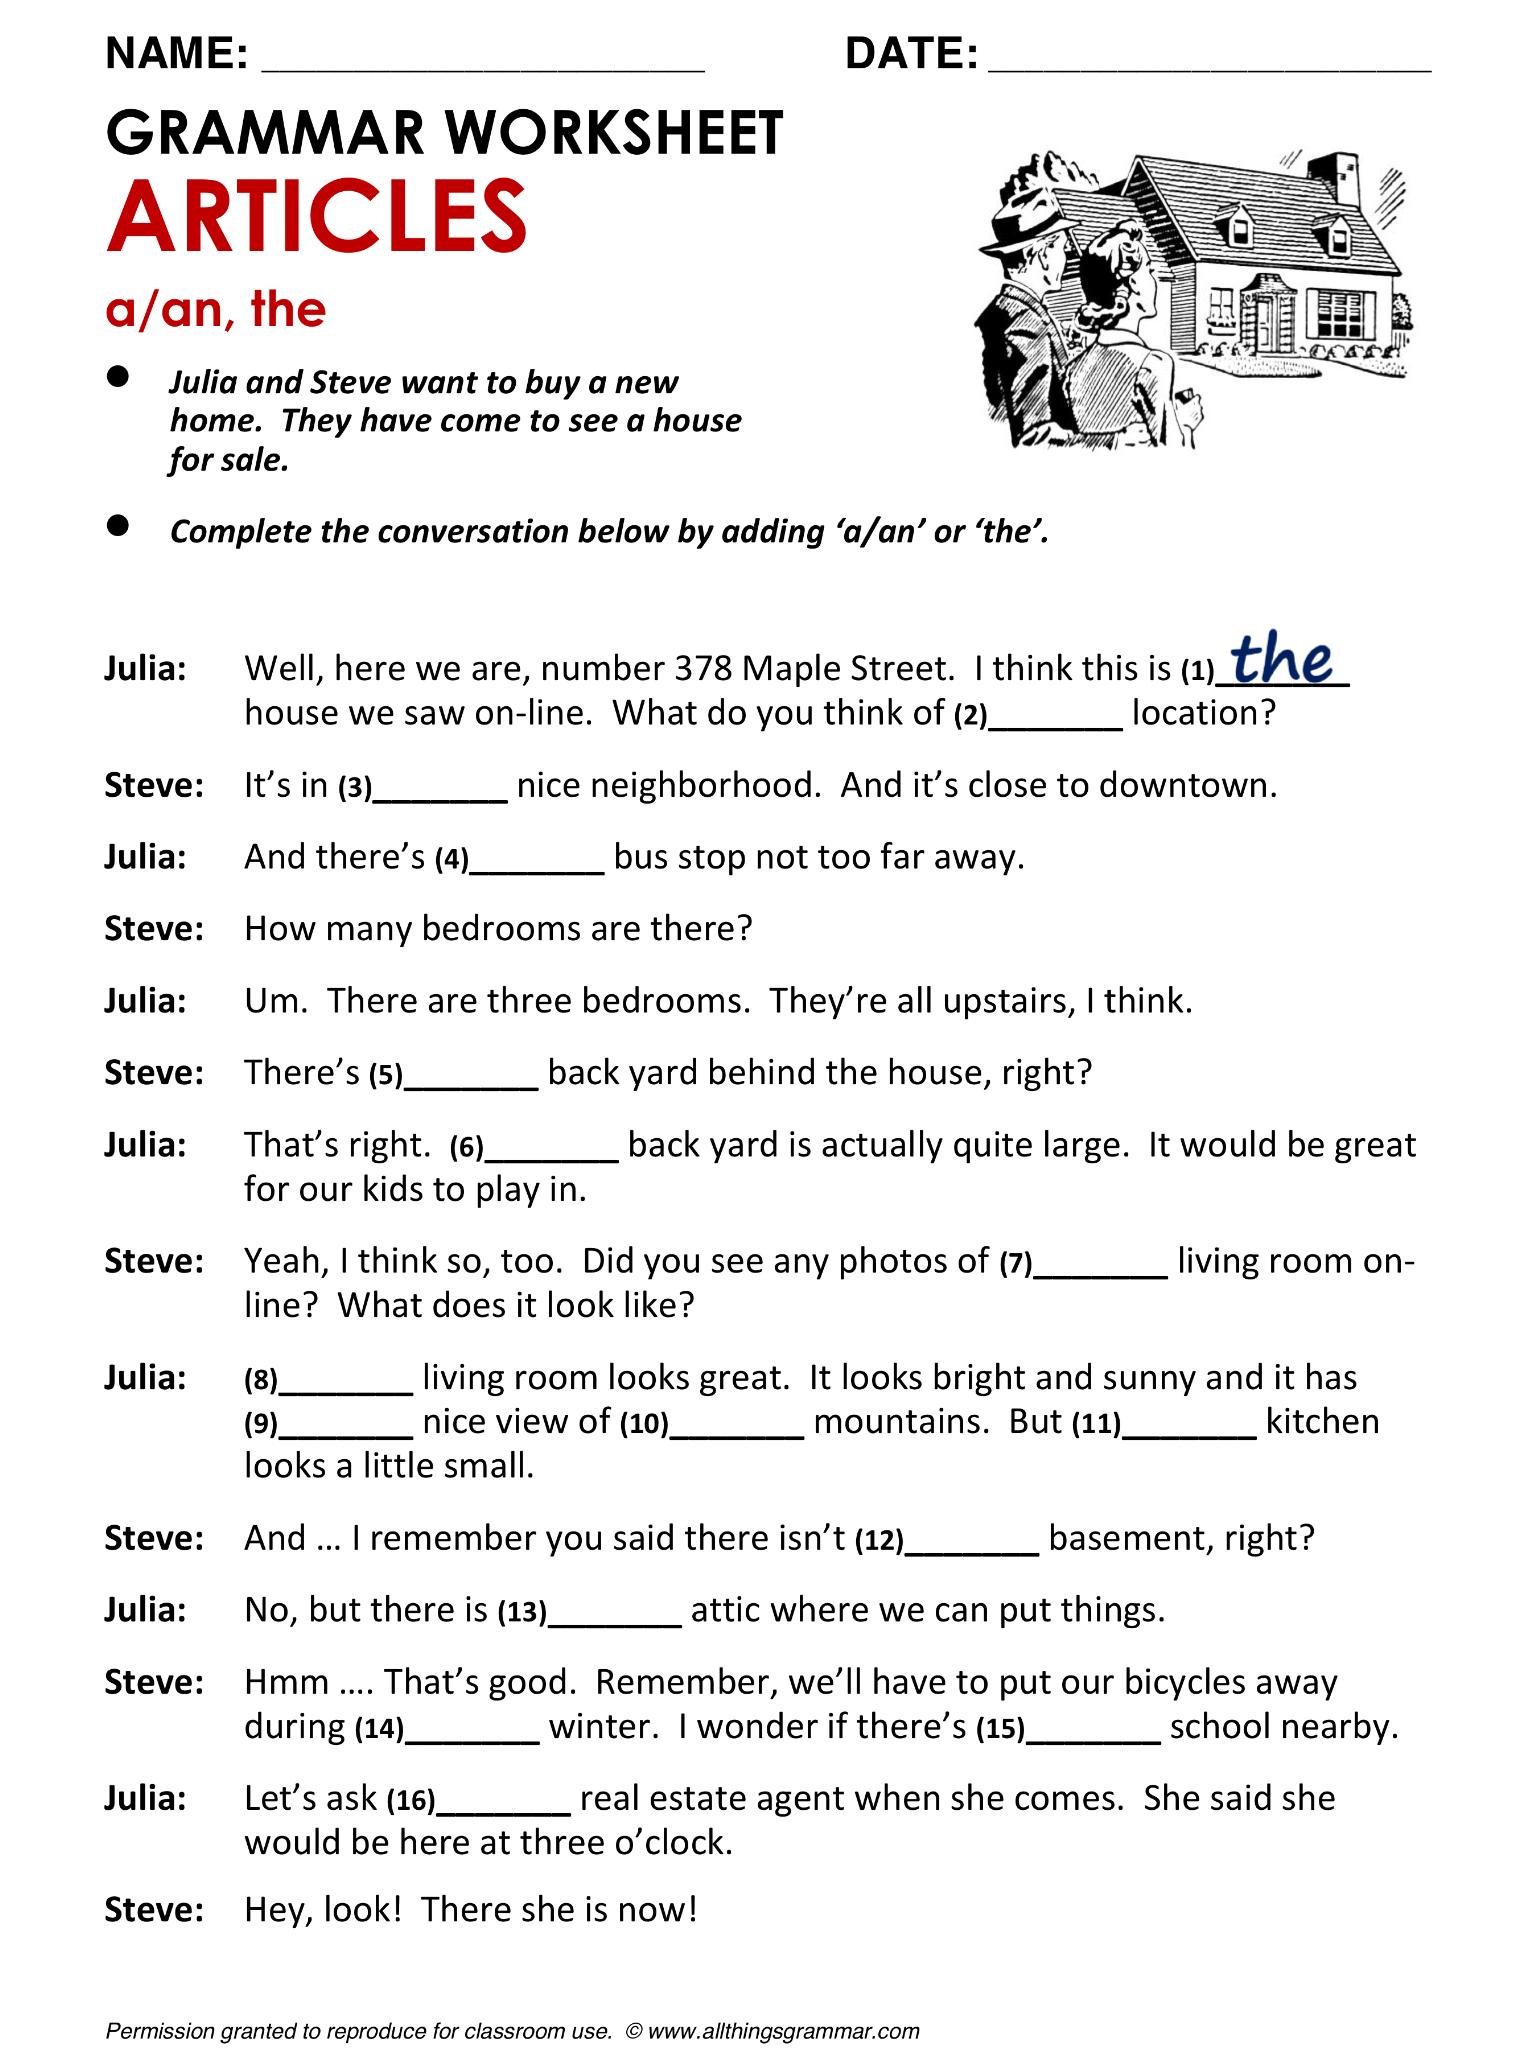 English Grammar Articles Www Allthingsgrammar Com Articles Html Gramatica Del Ingles Ejercicios De Ingles Educacion Ingles [ 2048 x 1536 Pixel ]